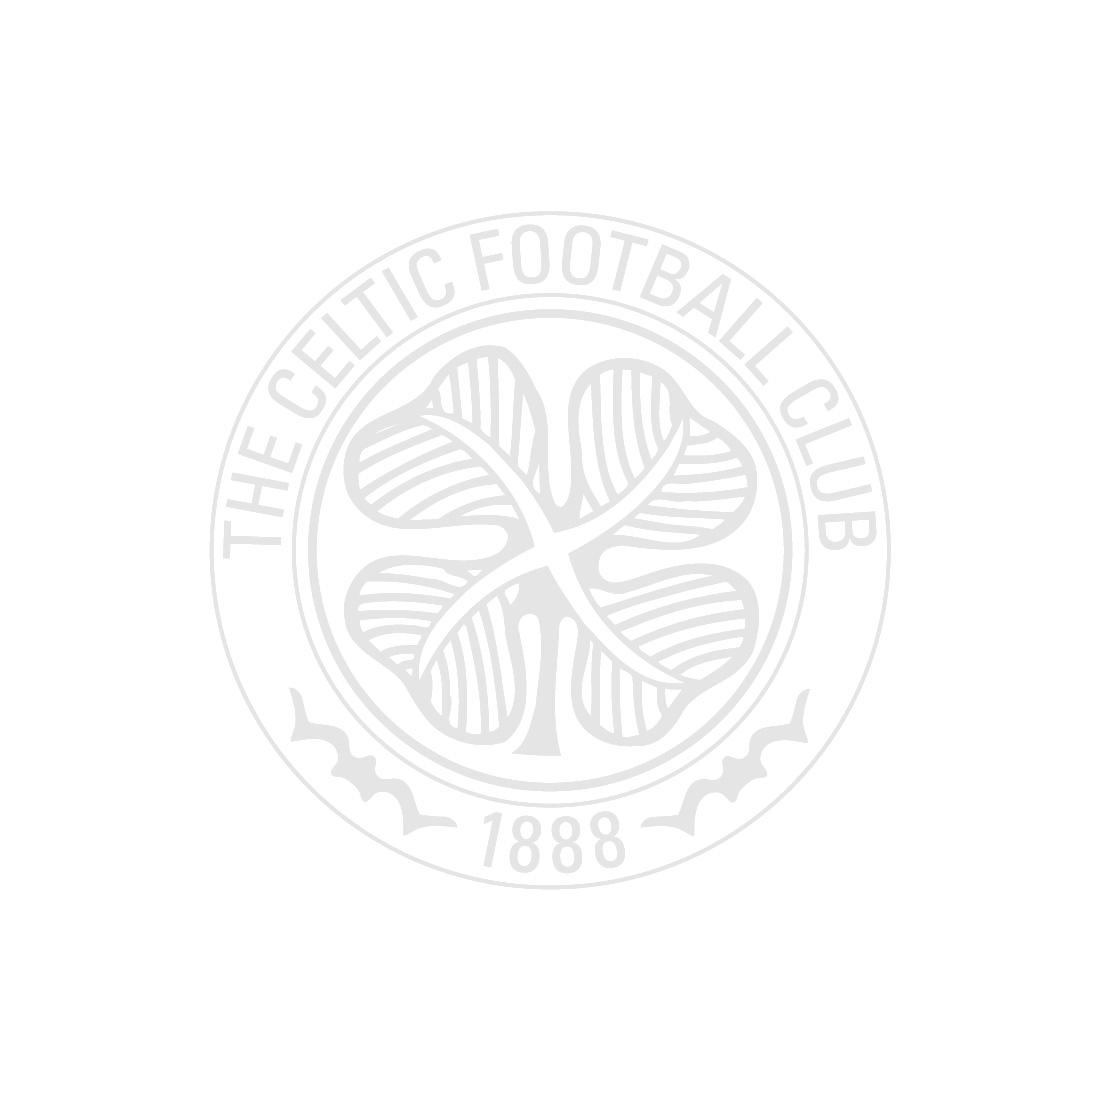 Celtic Sportswear Clover Hoody